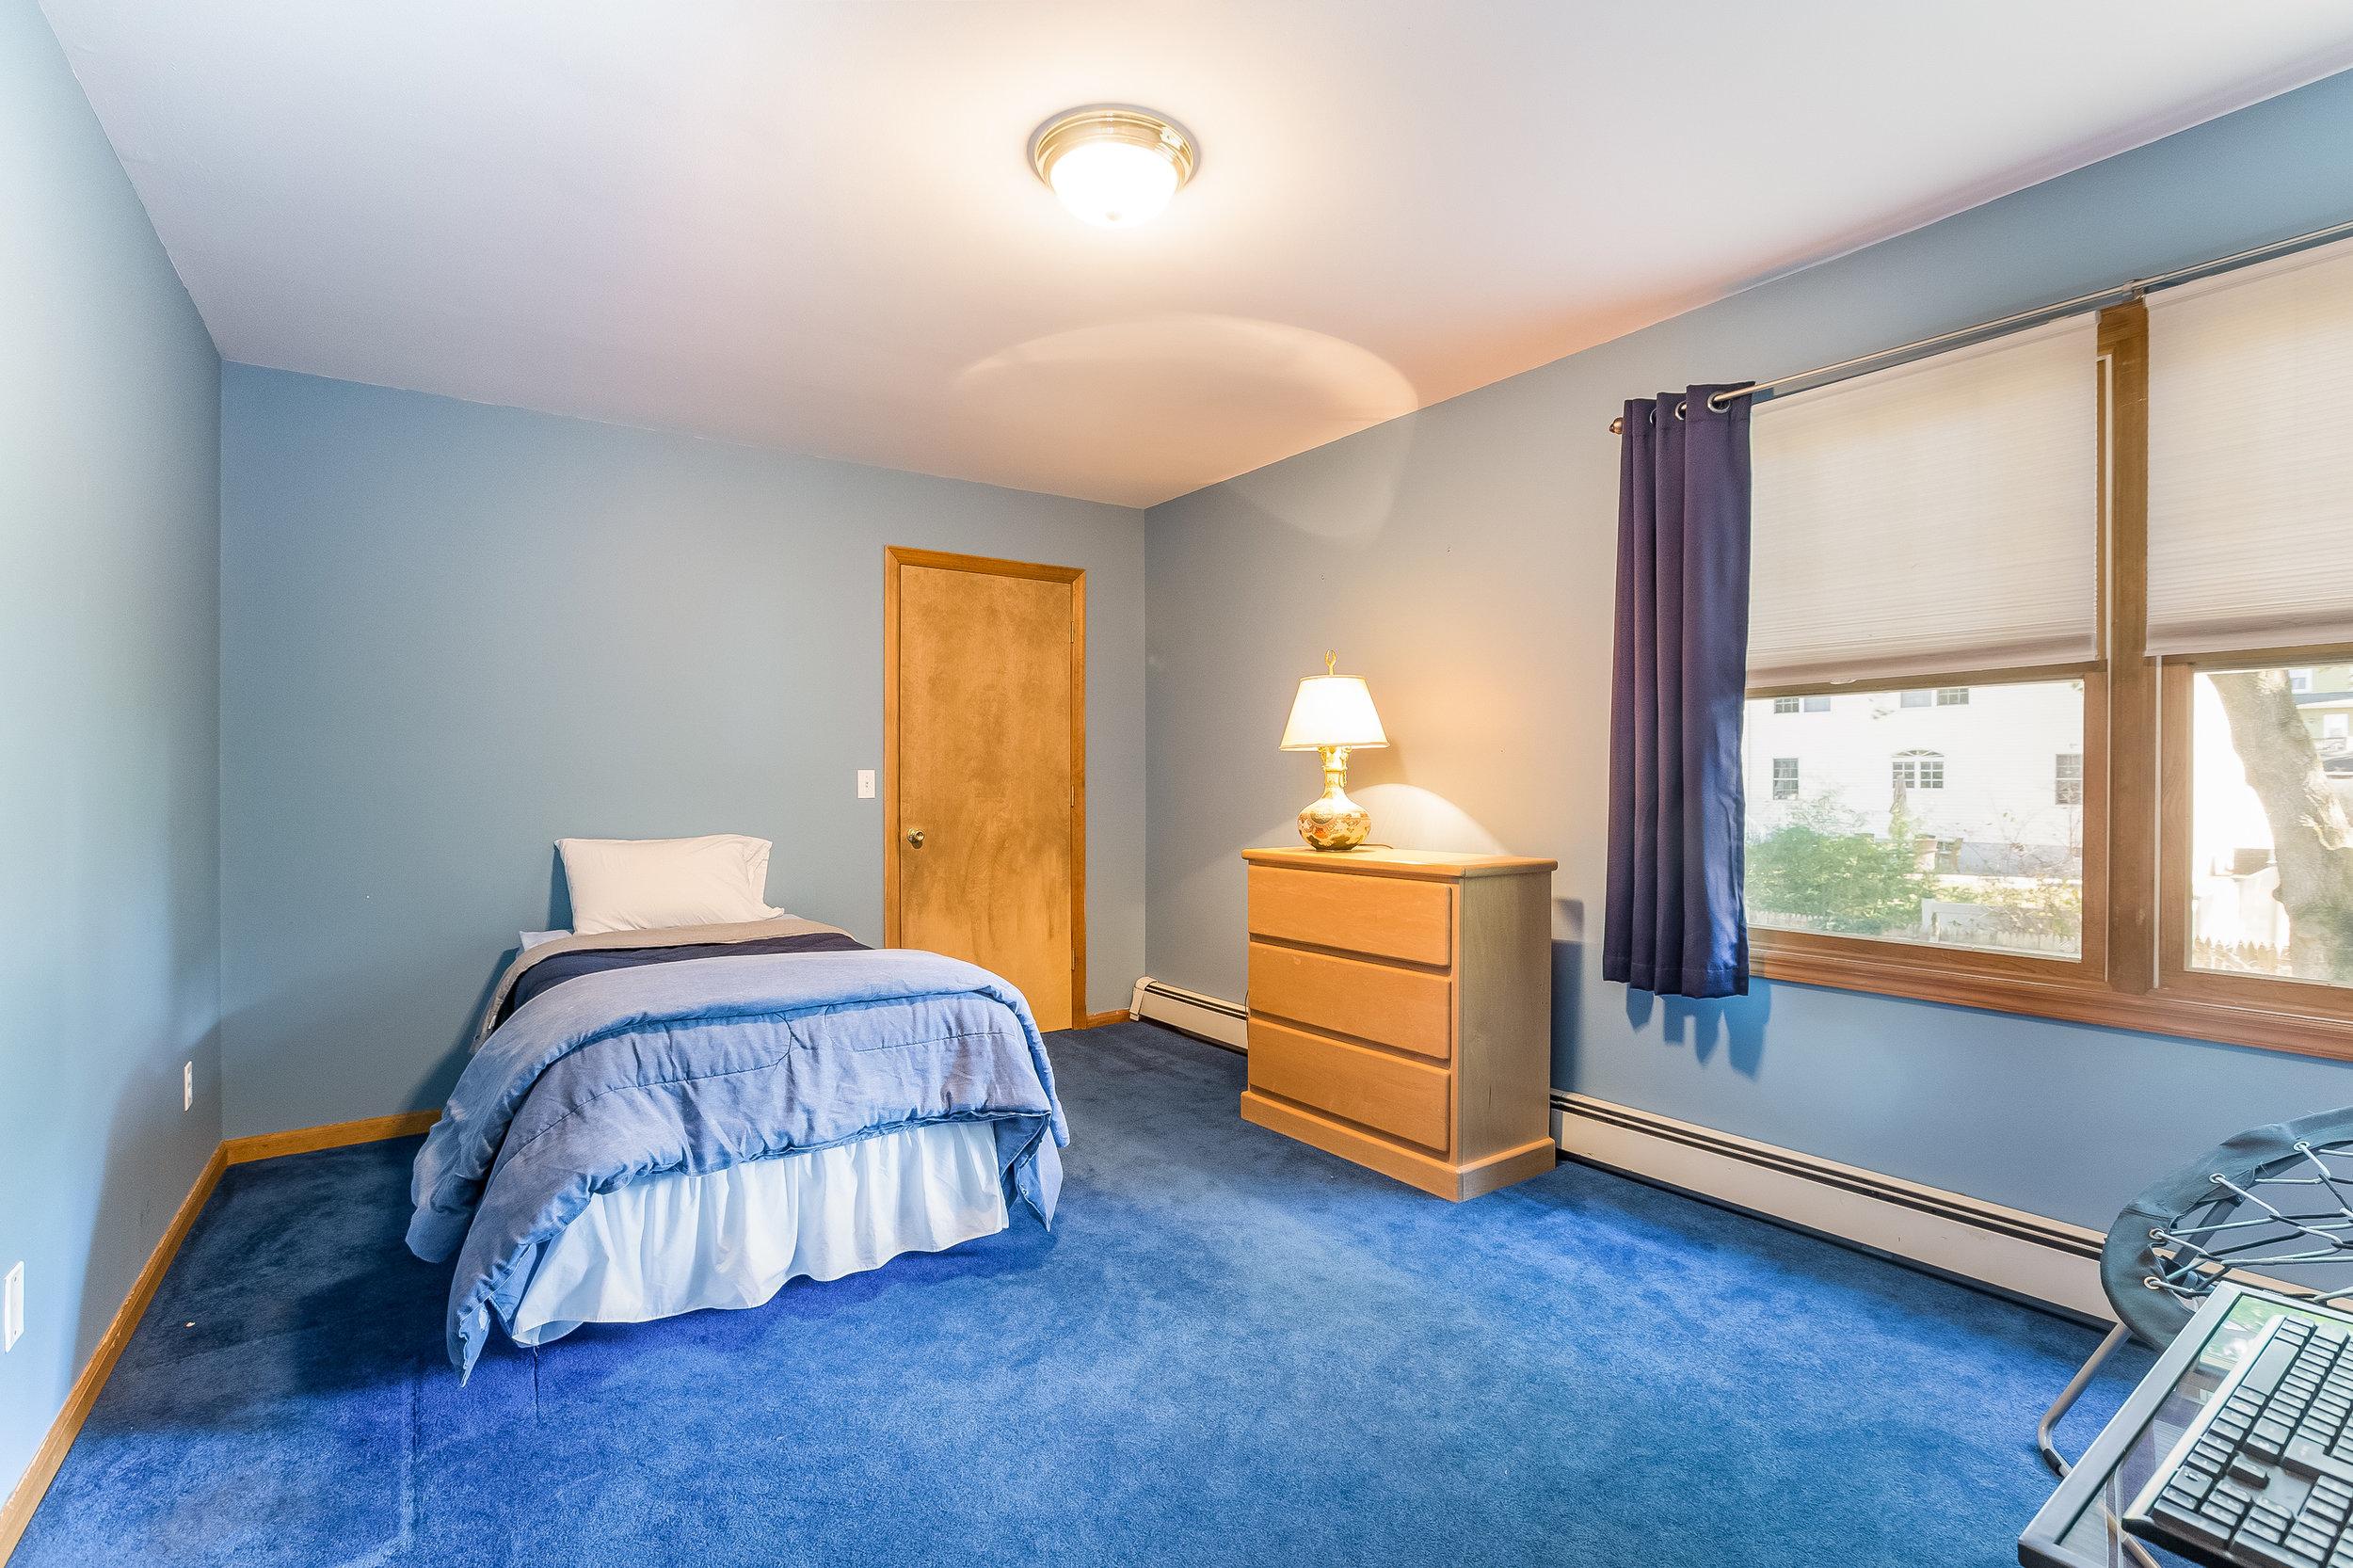 034-Bedroom-5002165-large.jpg